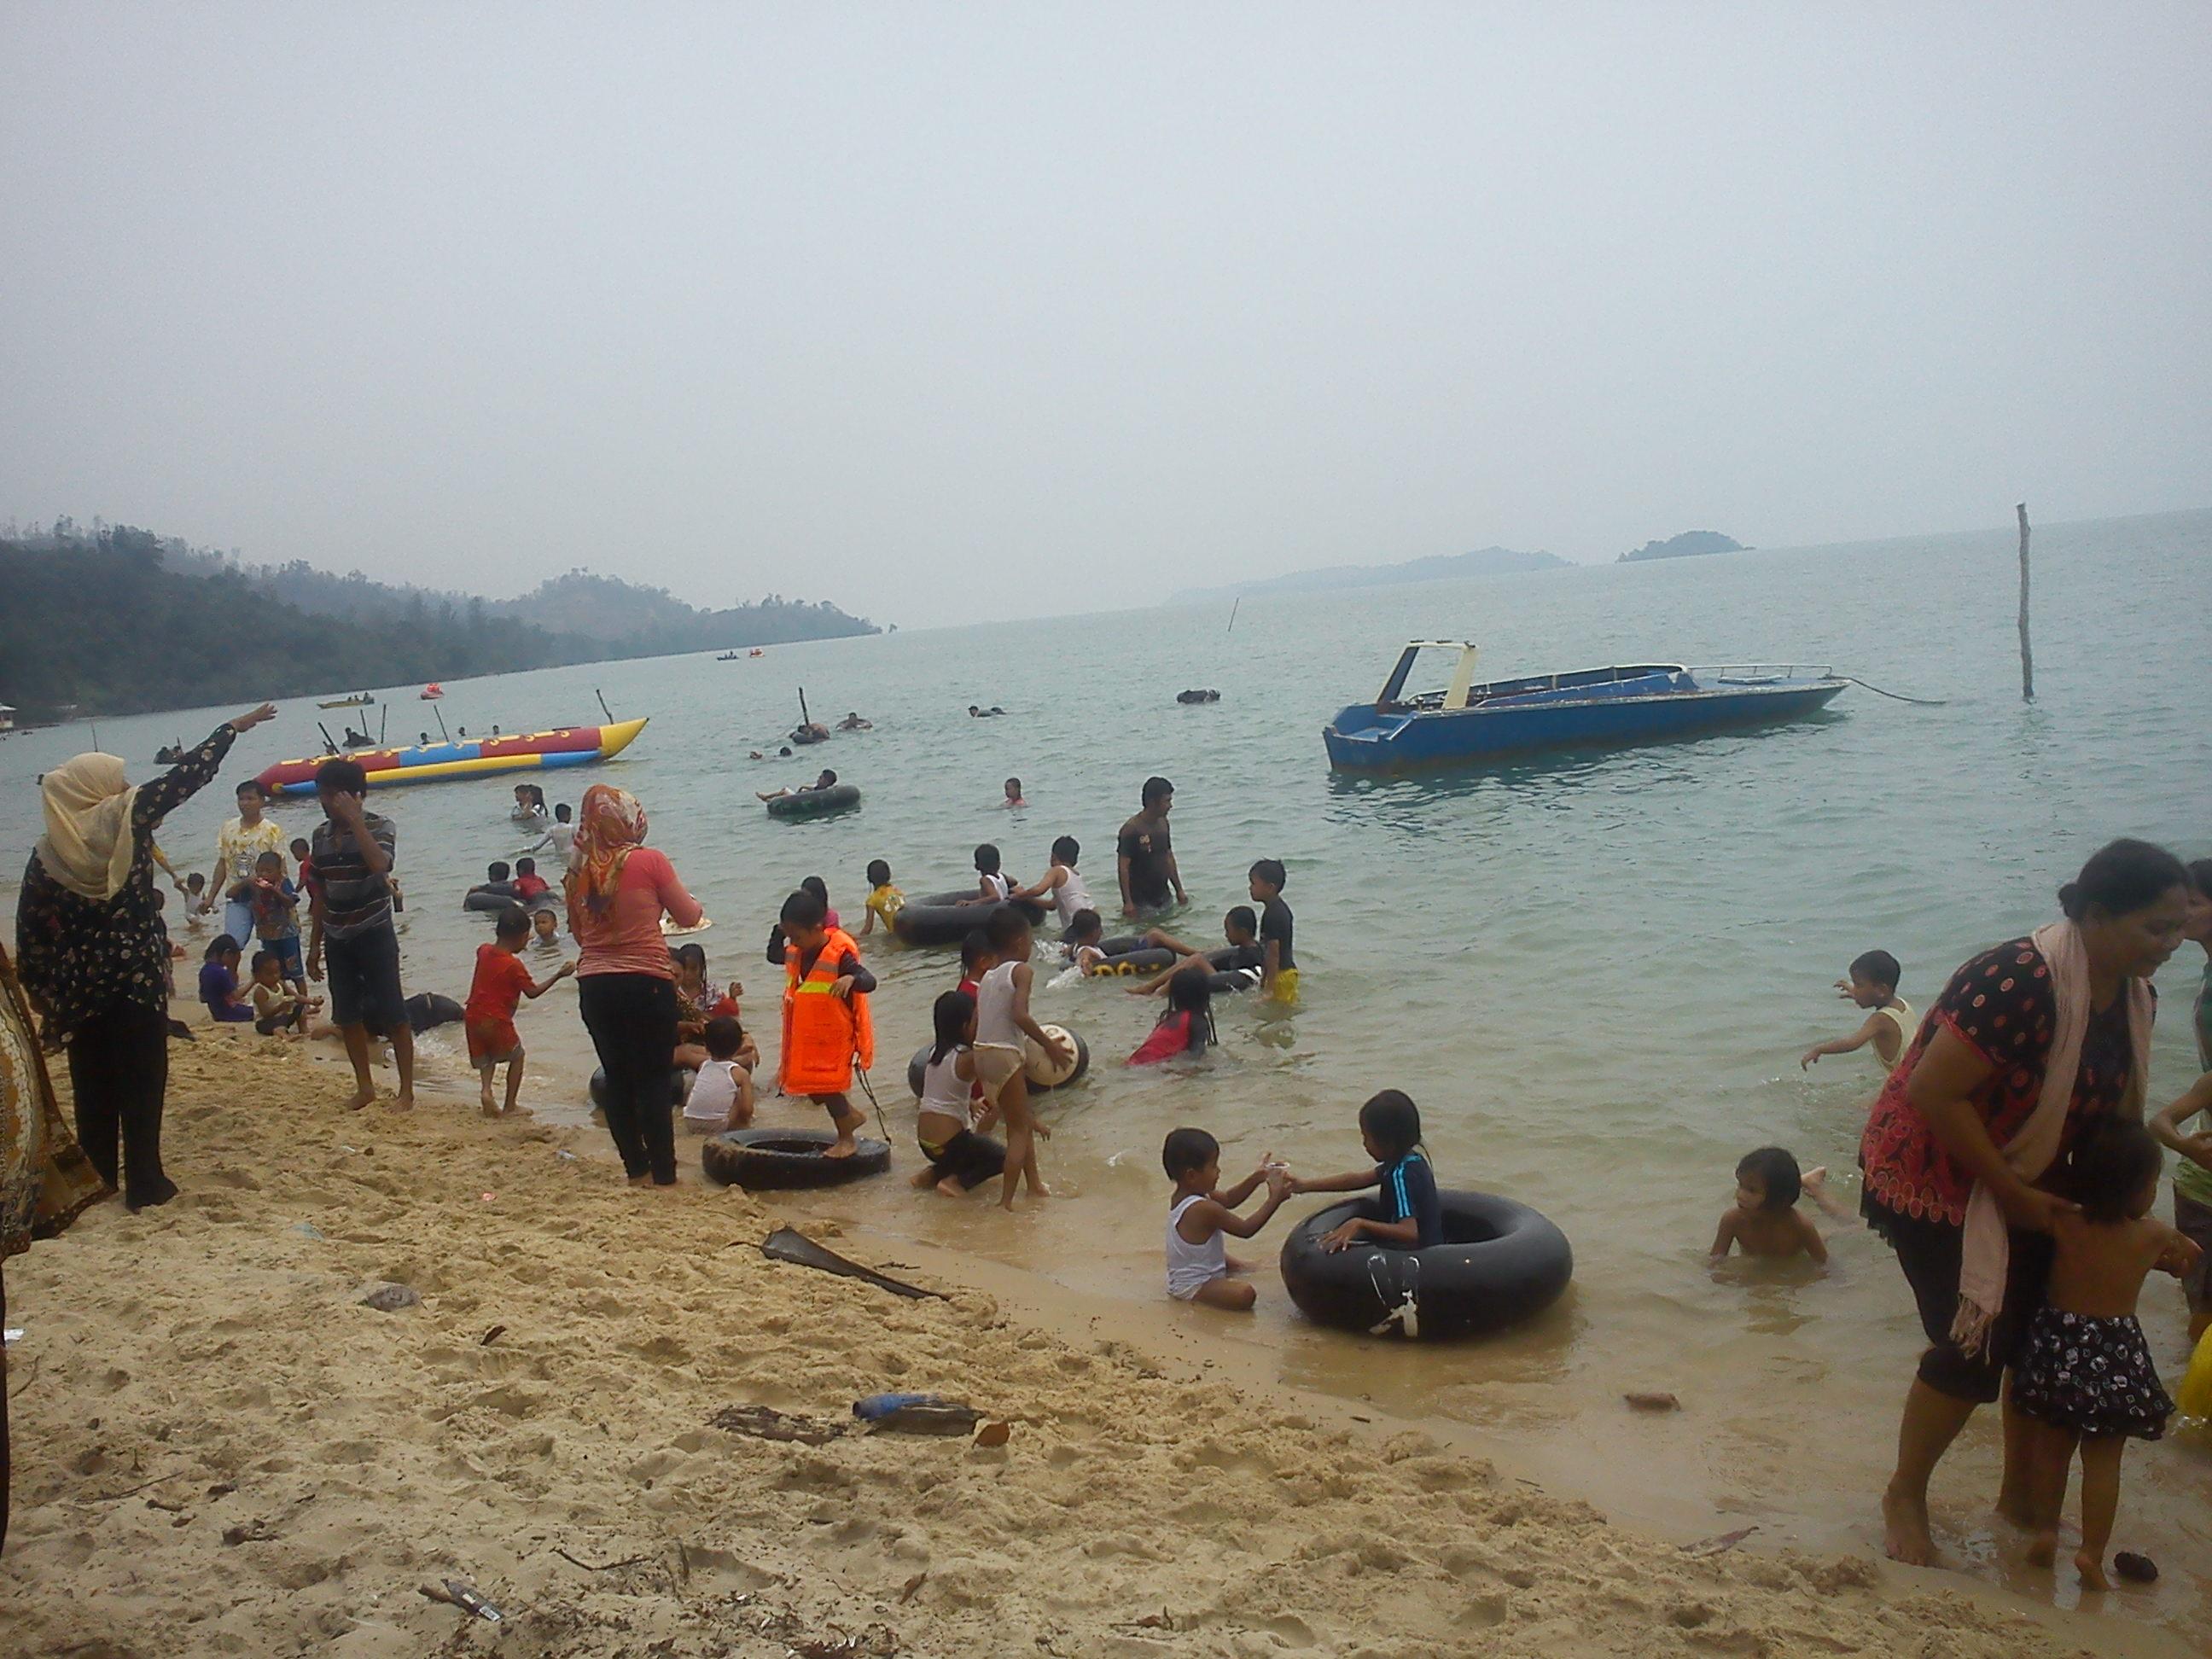 3 Jalan jalan ke Pantai Melayu Batam di Pulau Rempang, Kampung Kalat emerer.com